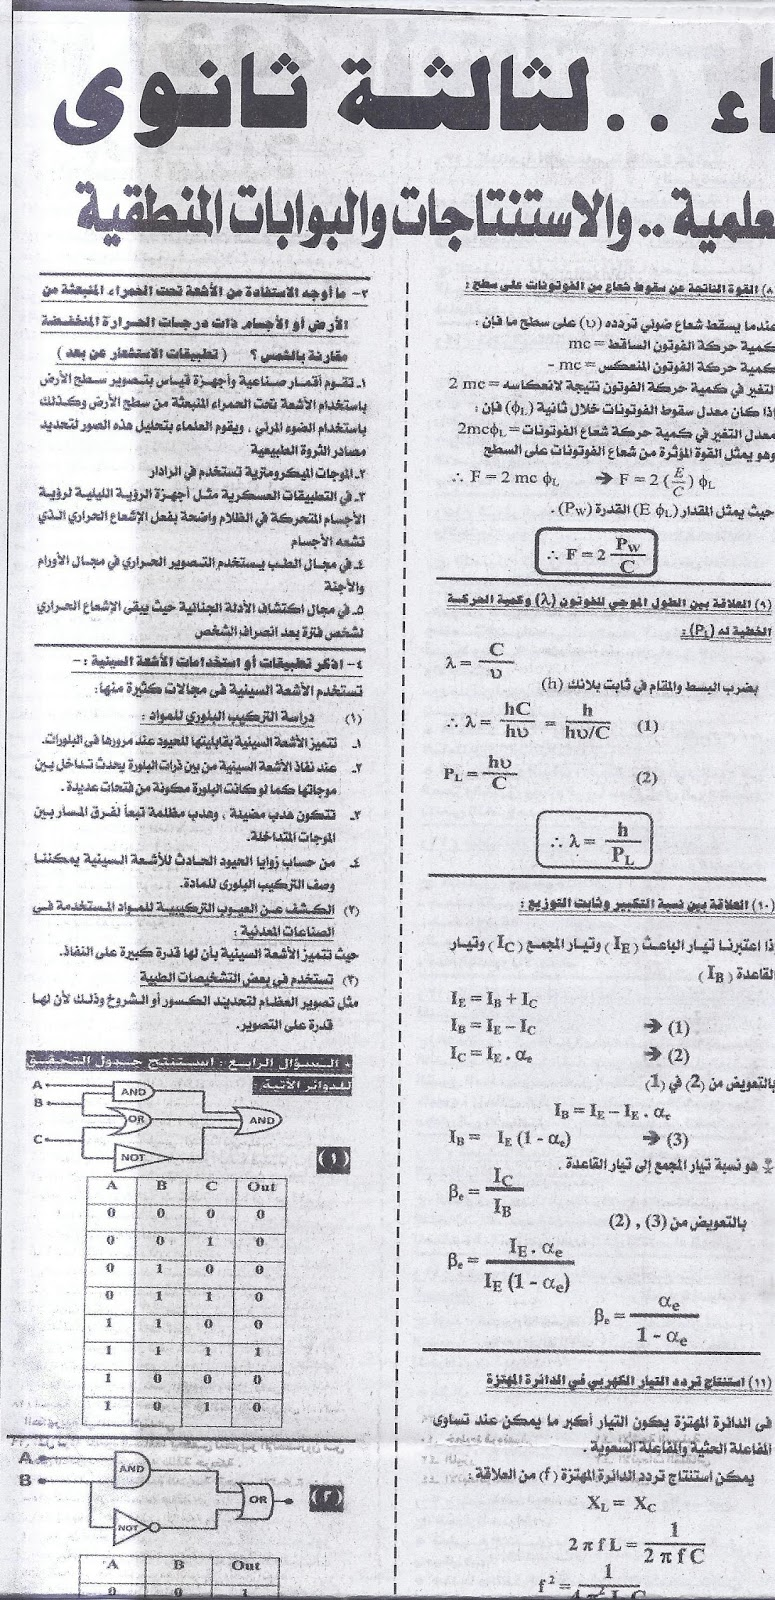 توقعات امتحان بكرة .. فيزياء ثانوية عامة 2016  11